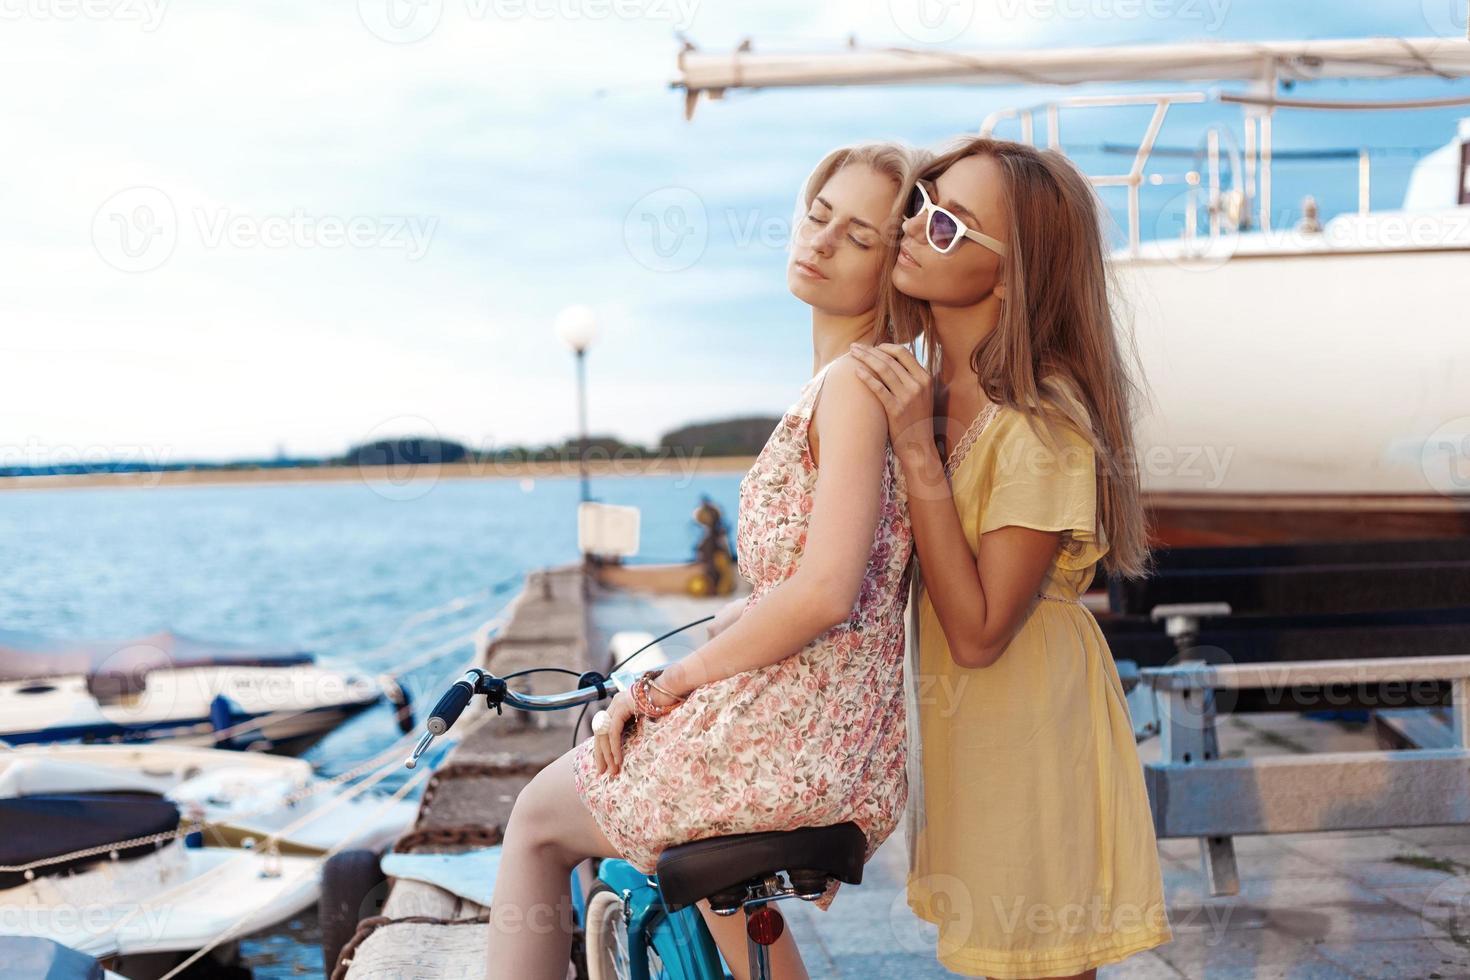 twee vriendinnen genieten van de avond zonsondergang in de haven foto